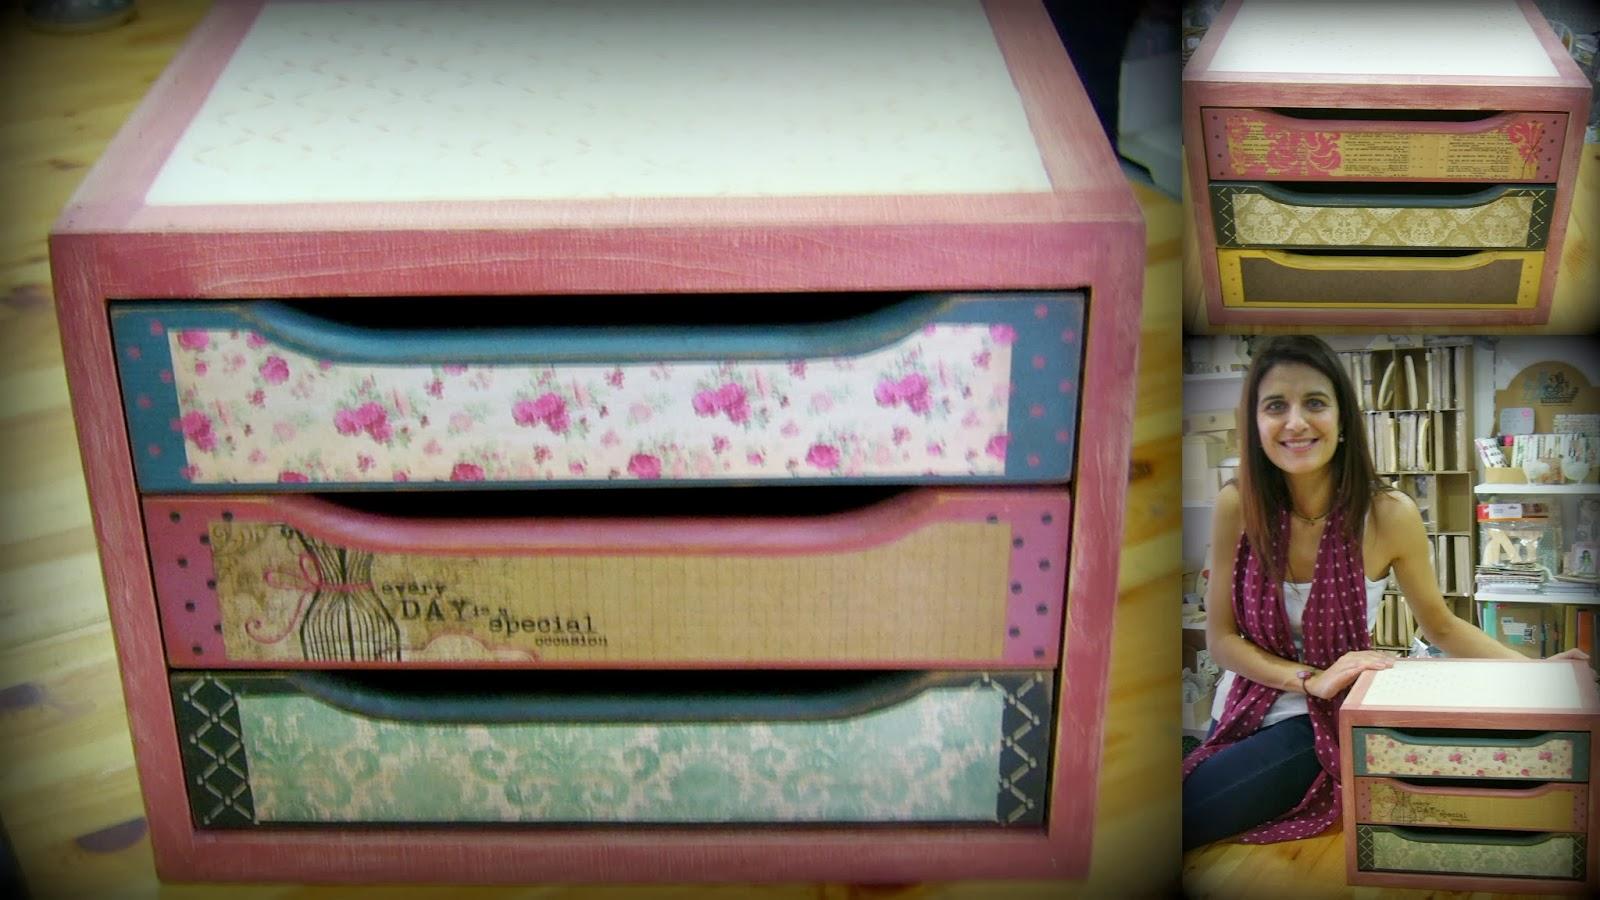 Las casitas de papel mas fotos cajoneras decoradas - Cajoneras decoradas ...